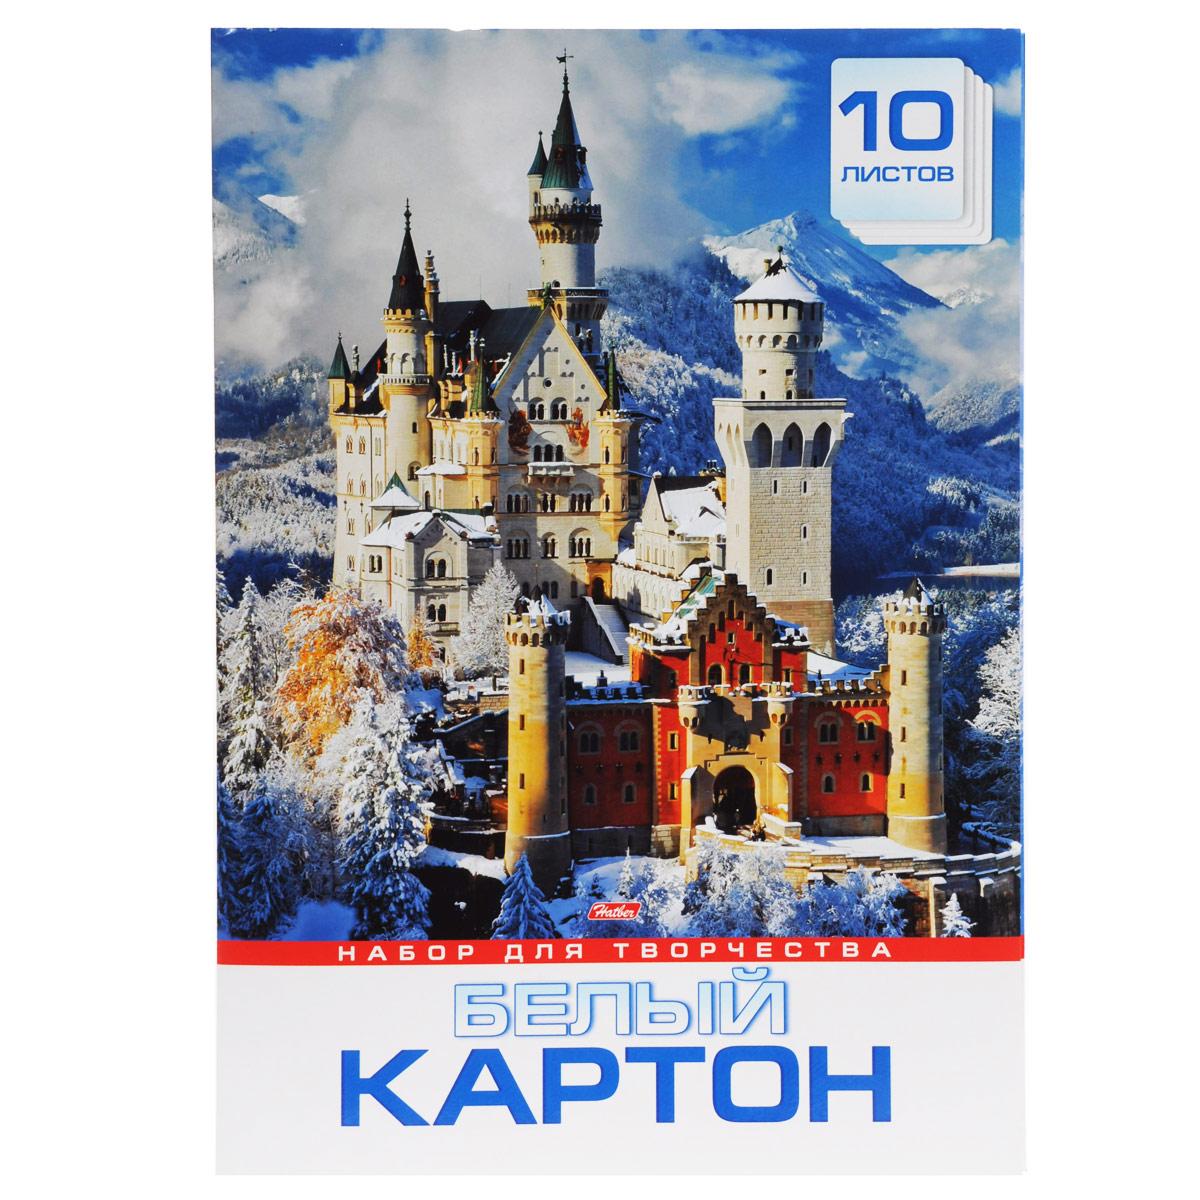 Картон Hatber Замок в горах, цвет: белый, 10 листов10Кб3_10982Картон Hatber Замок в горах позволит вашему ребенку создавать всевозможные аппликации и поделки. Набор состоит из десяти листов картона белого цвета с полуглянцевым покрытием формата А3. Картон упакован в оригинальную картонную папку, оформленную рисунком с изображением замка в горах. Создание поделок из картона поможет ребенку в развитии творческих способностей, кроме того, это увлекательный досуг. Рекомендуемый возраст от 6 лет.